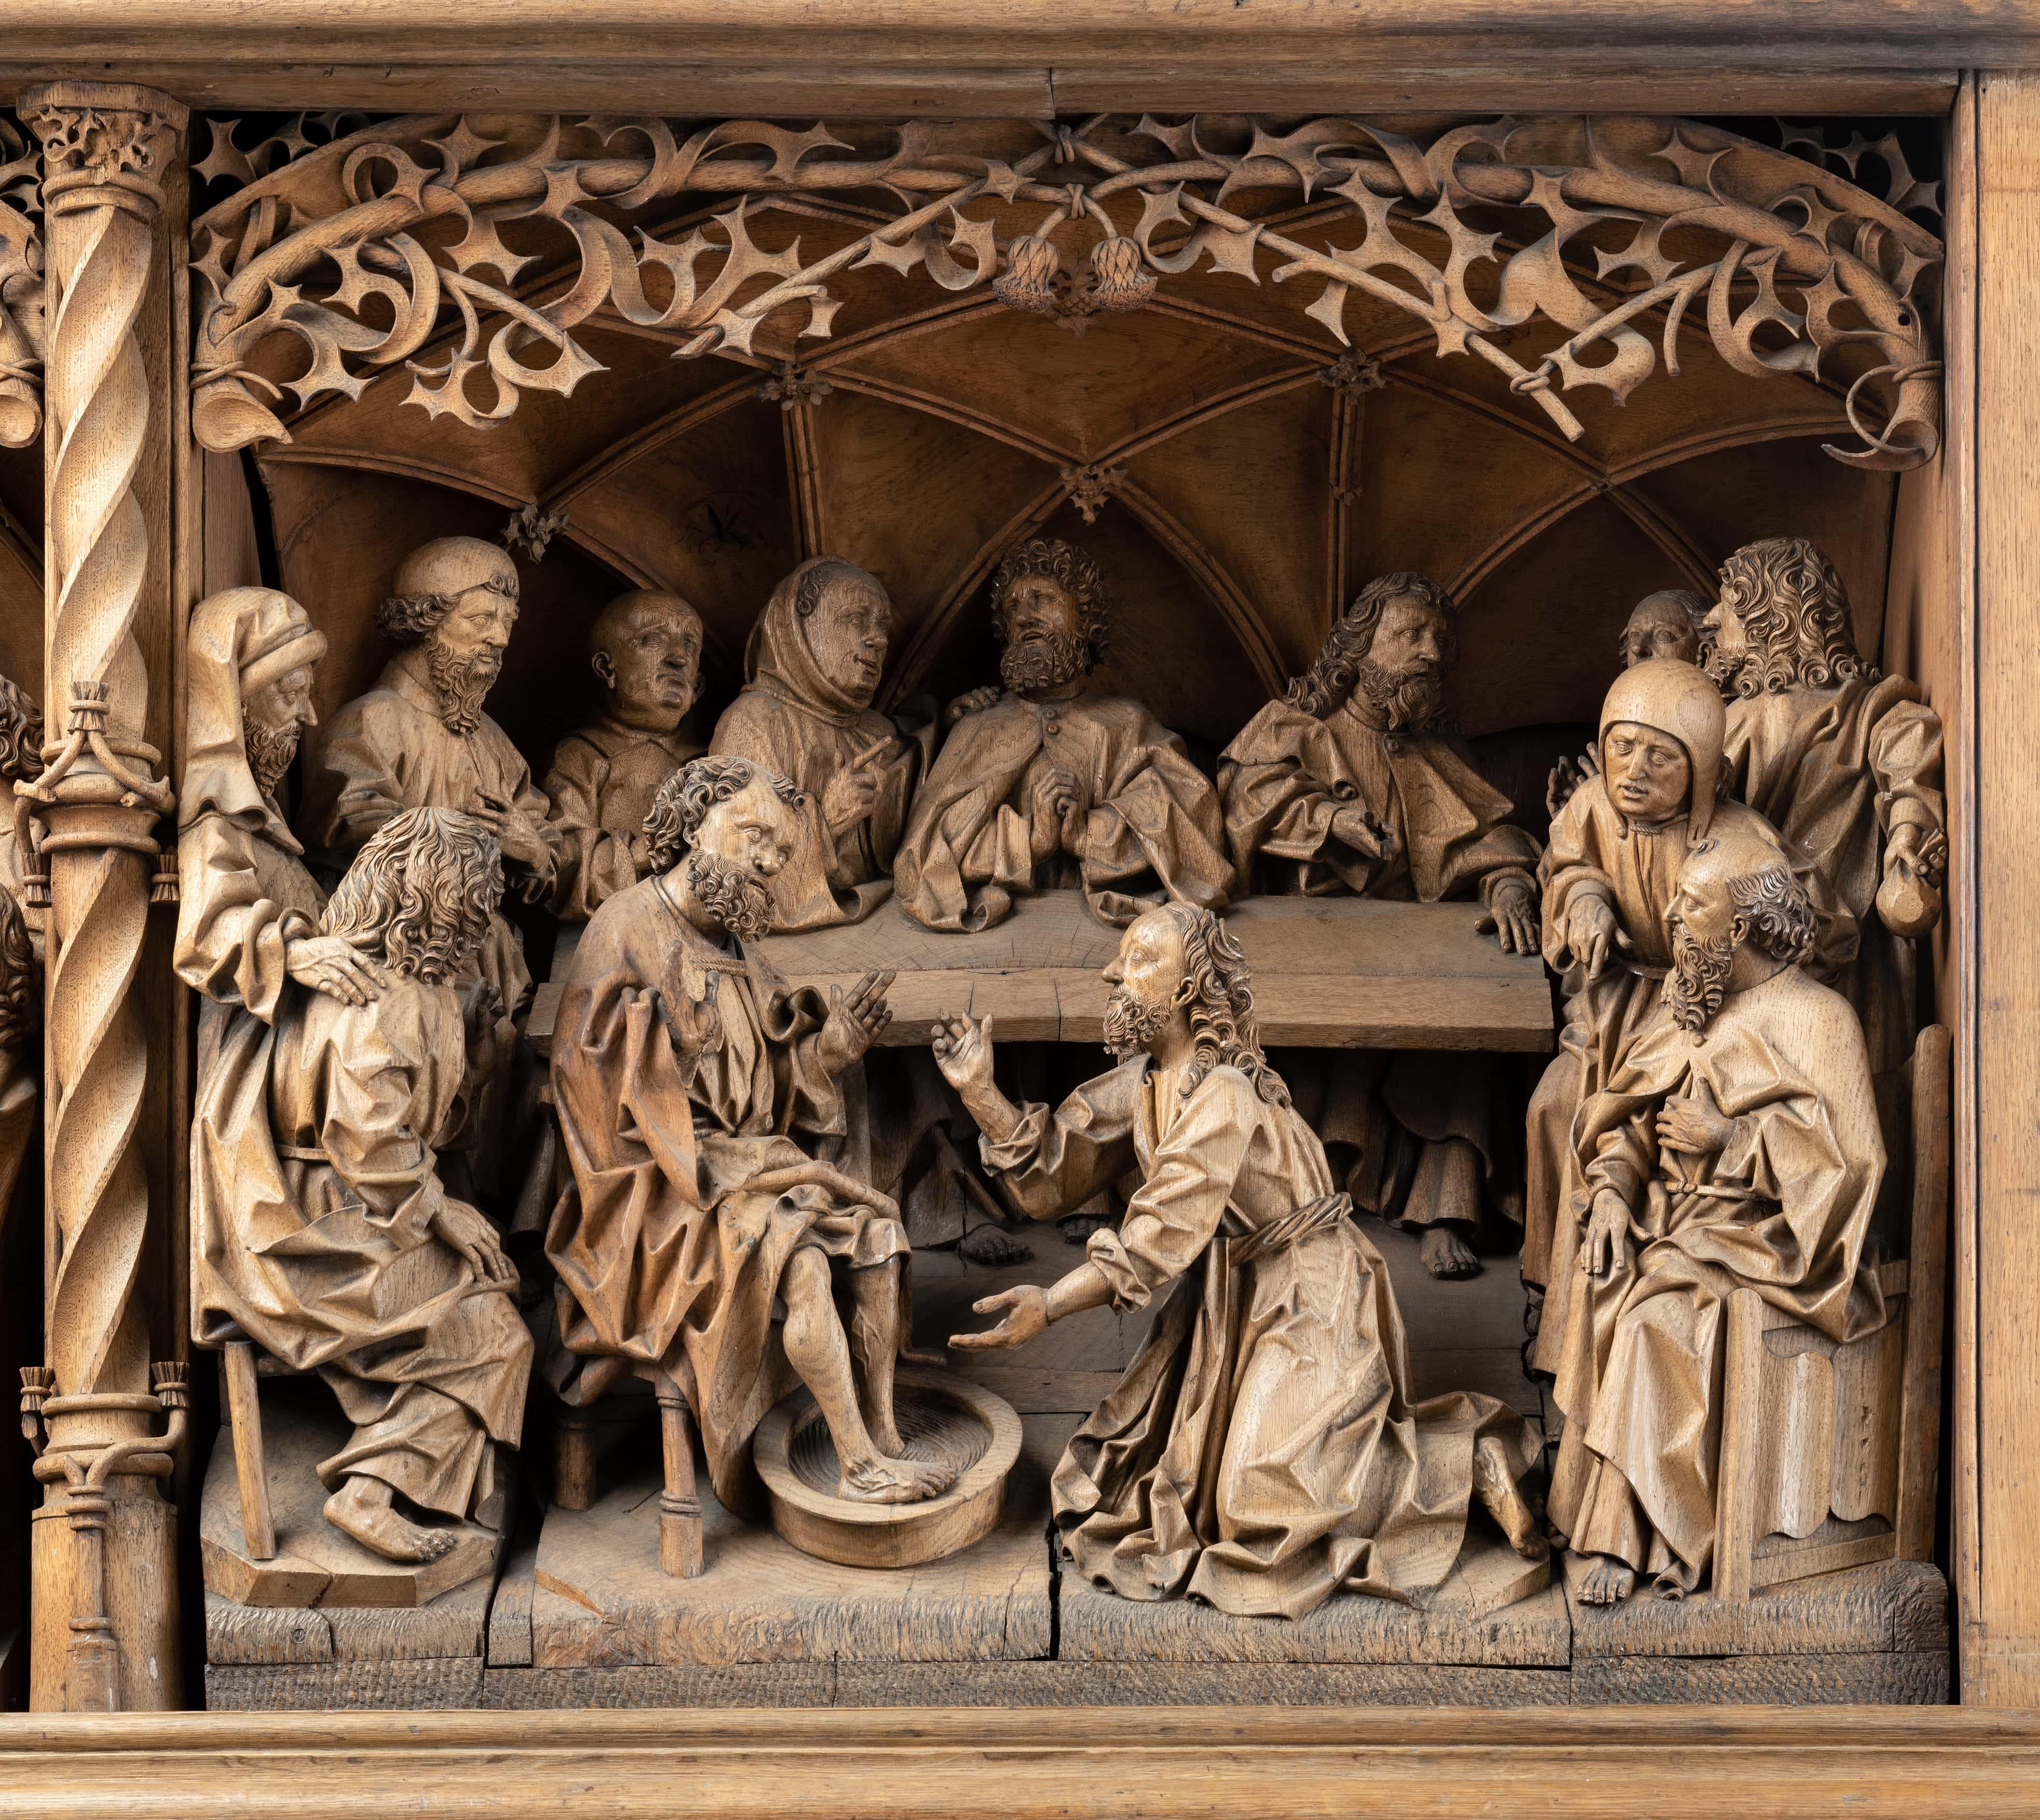 Fußwaschung, Predella des Hochaltars, Werkstatt des Arnt Beeldesnider, 1491, St. Nicolai, Kalkar, Foto: Stephan Kube, Greven – nur diese eine Szene konnte Arnt vor seinem Tod fertigstellen, weitere Teile des Retabels wurden von Nachfolgern gestaltet.